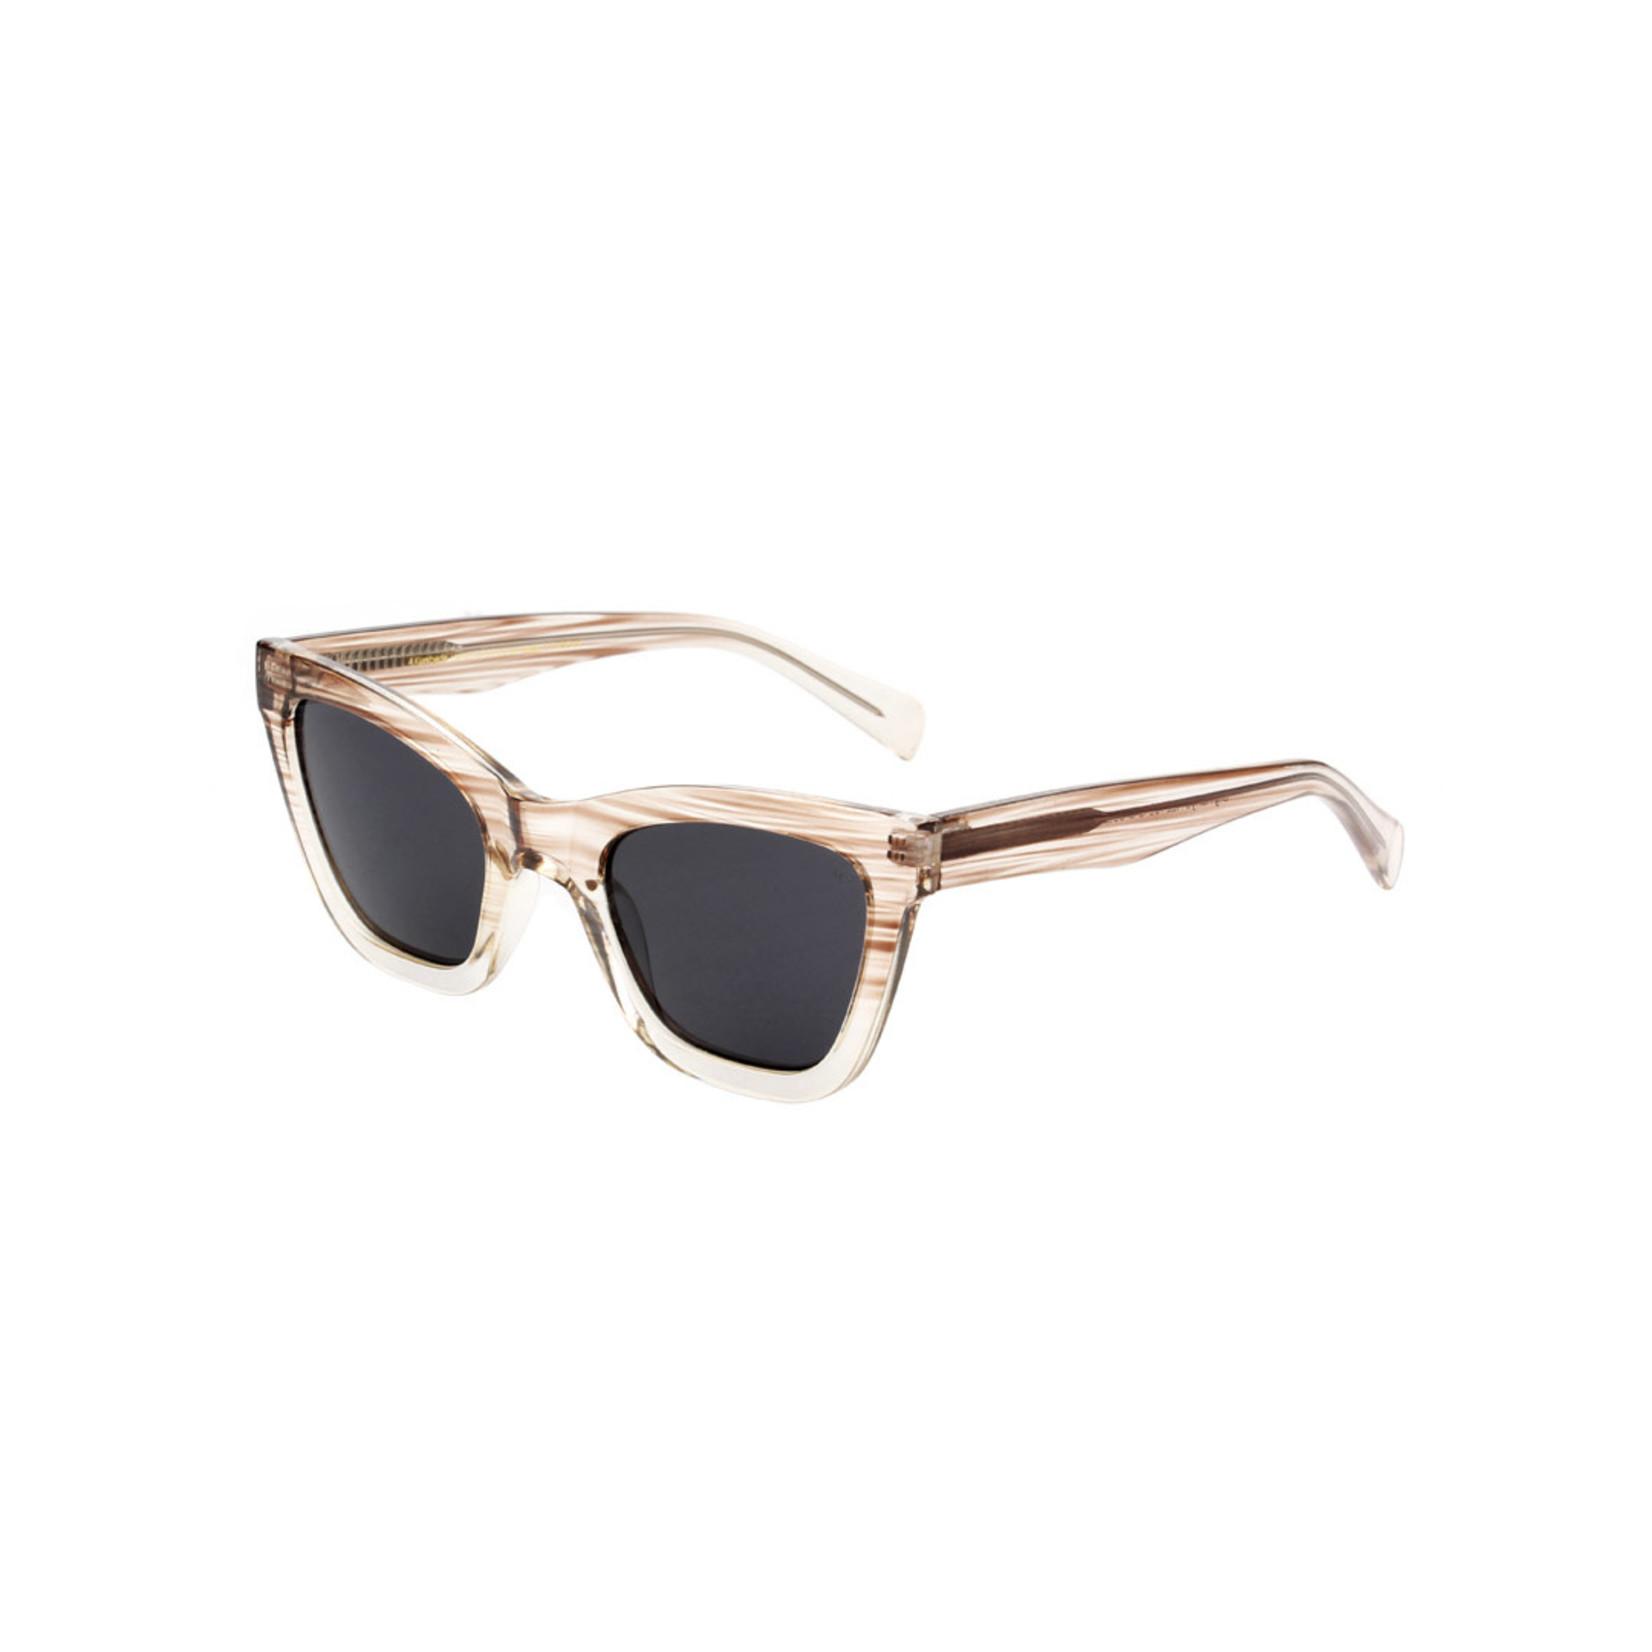 Kjearbede Kjearbede zonnebril  Big Kanye Demi Grey/CrystalTranparent   / KL2103-006